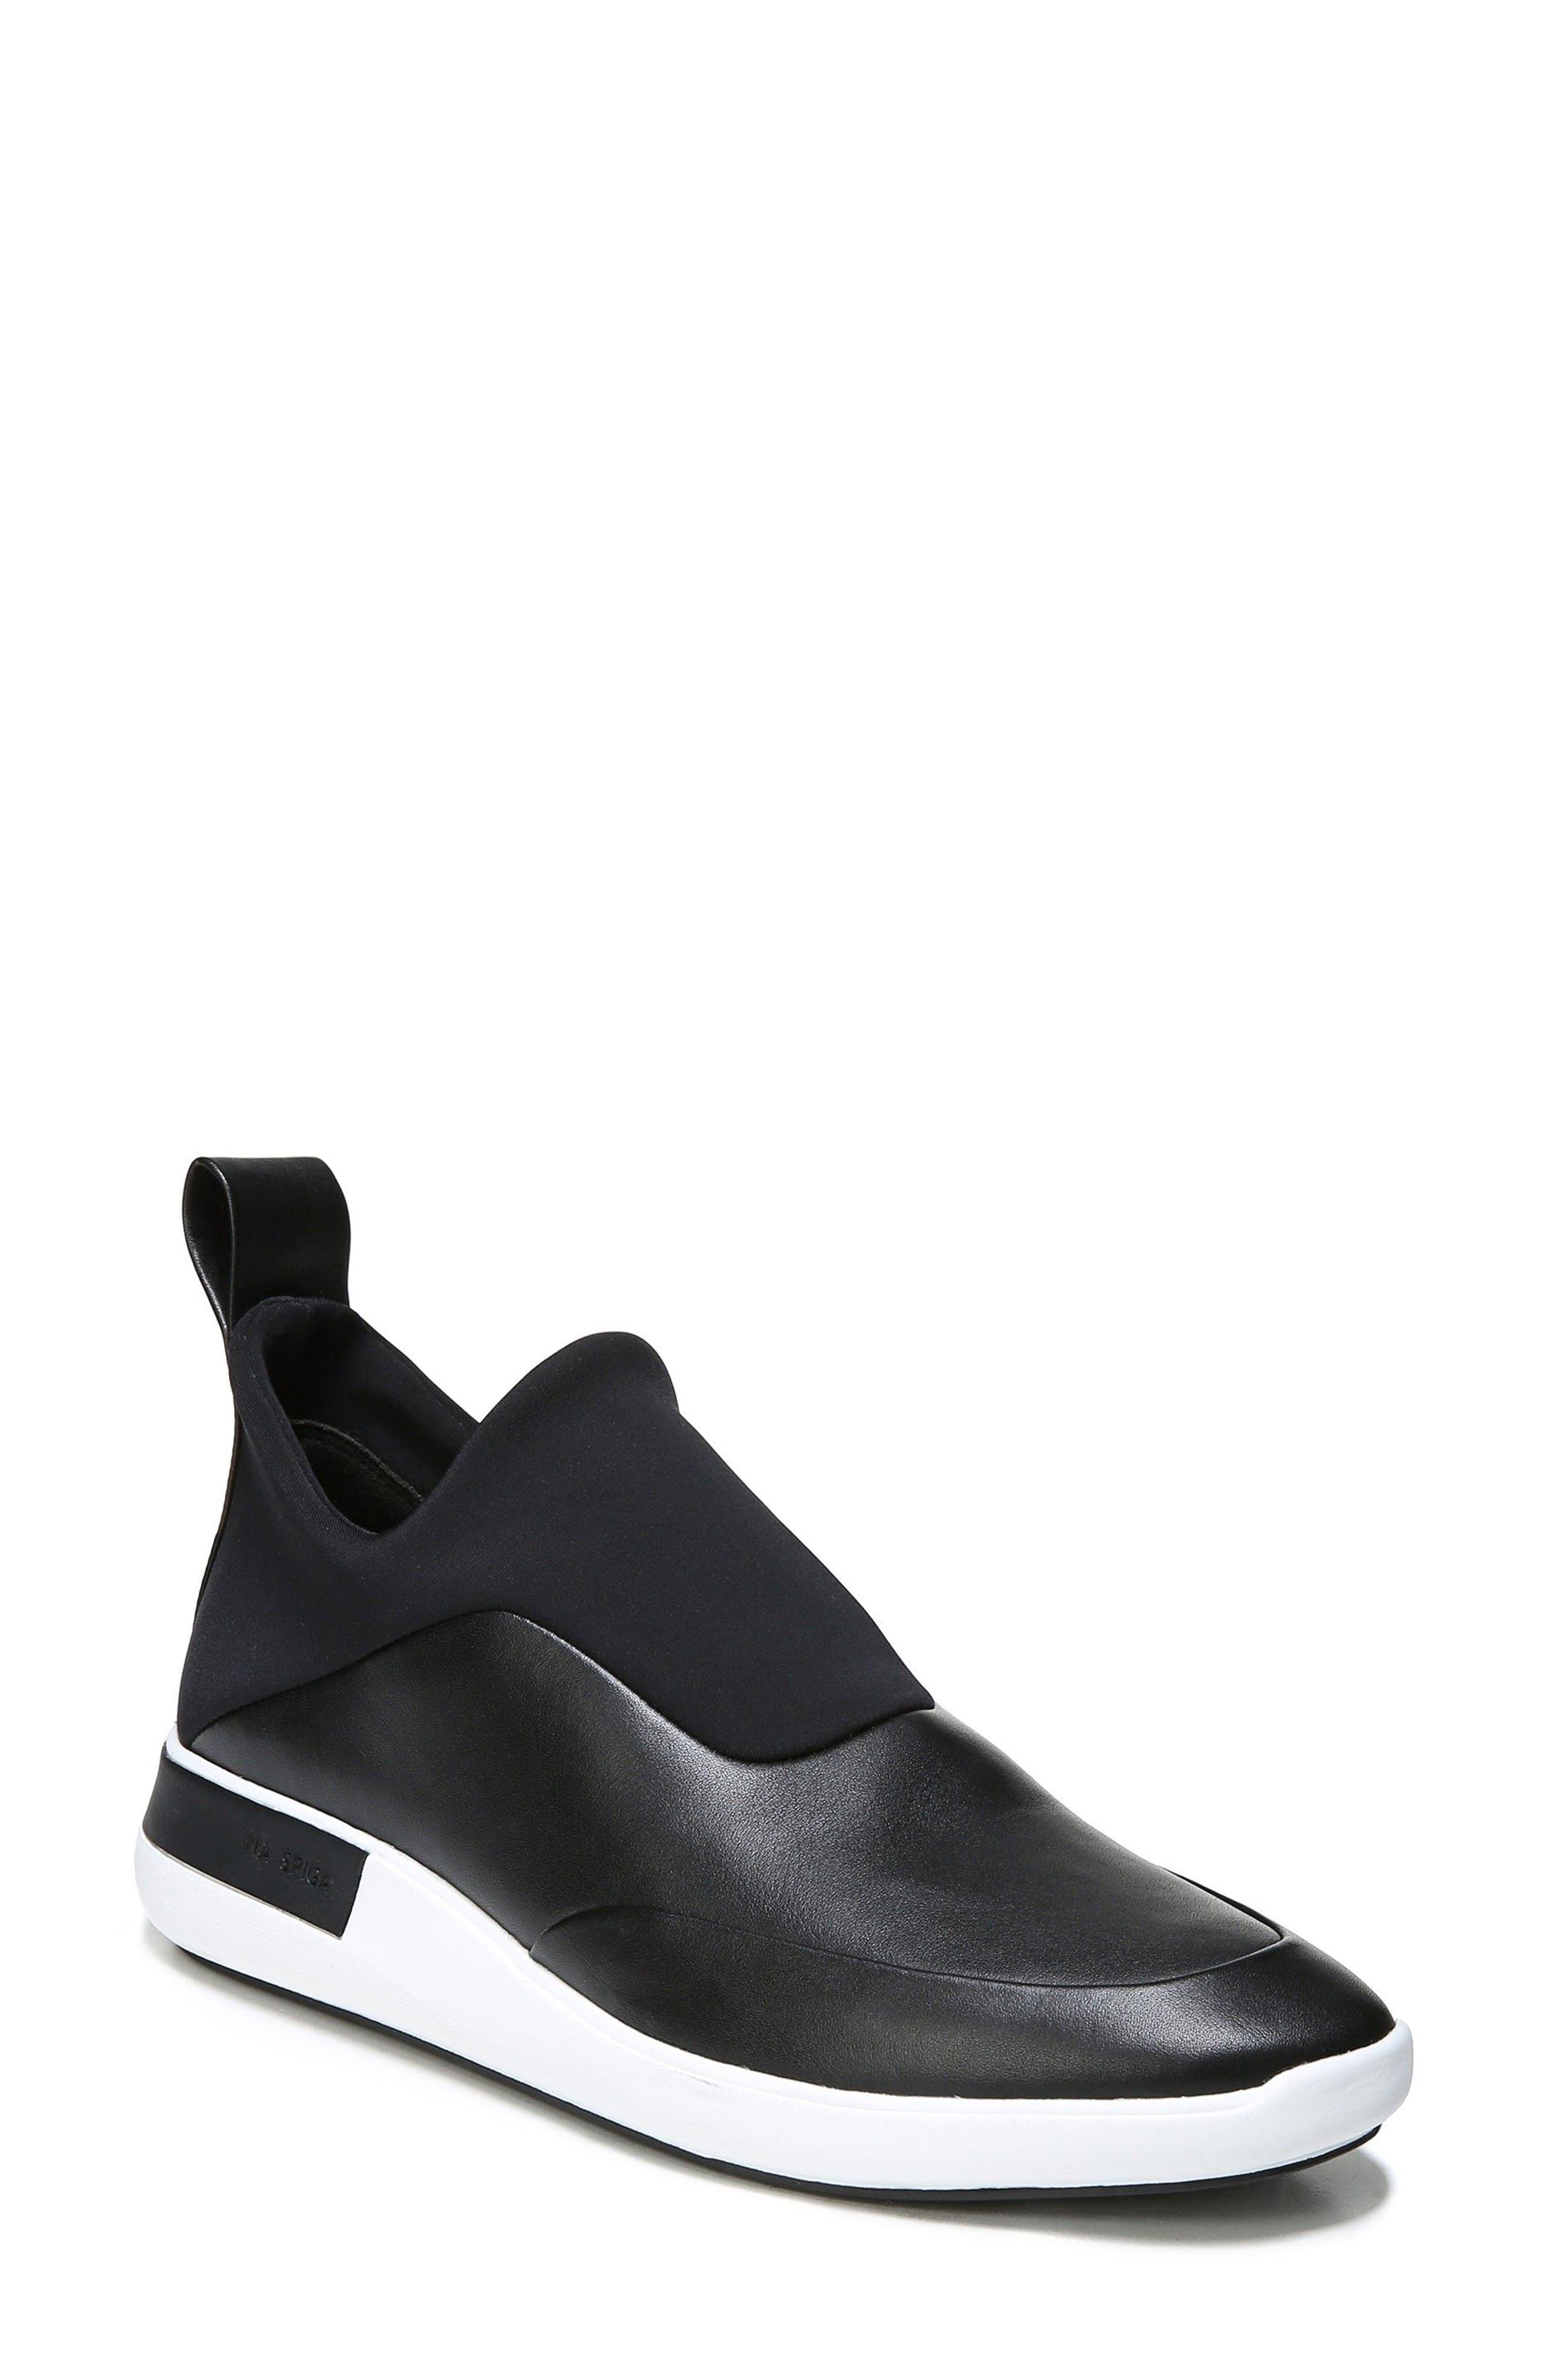 Mercer Slip-On Sneaker,                         Main,                         color, Black Leather